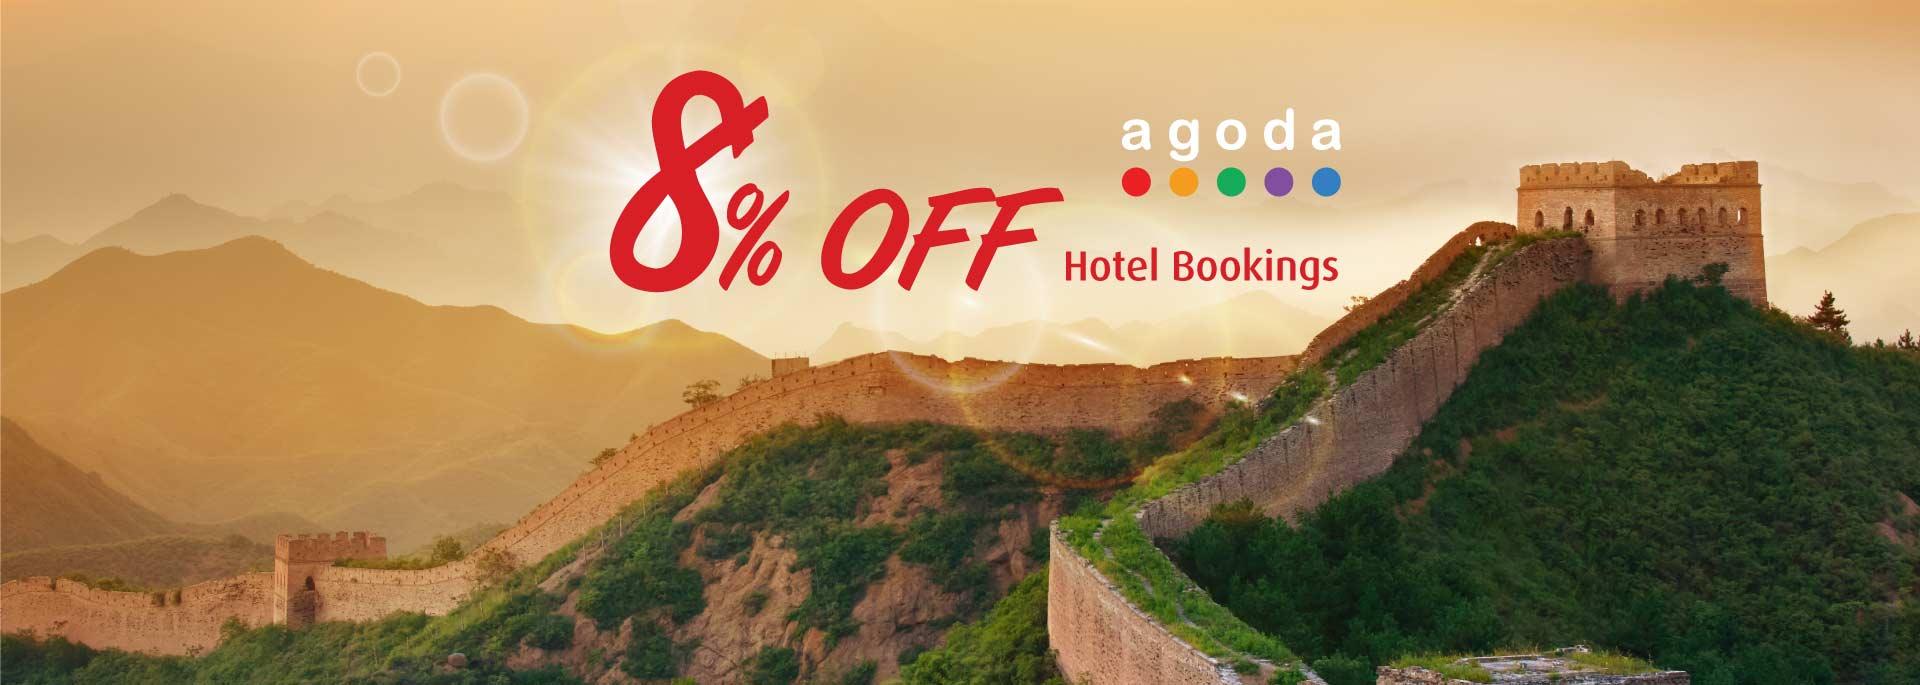 Agoda.com Banner